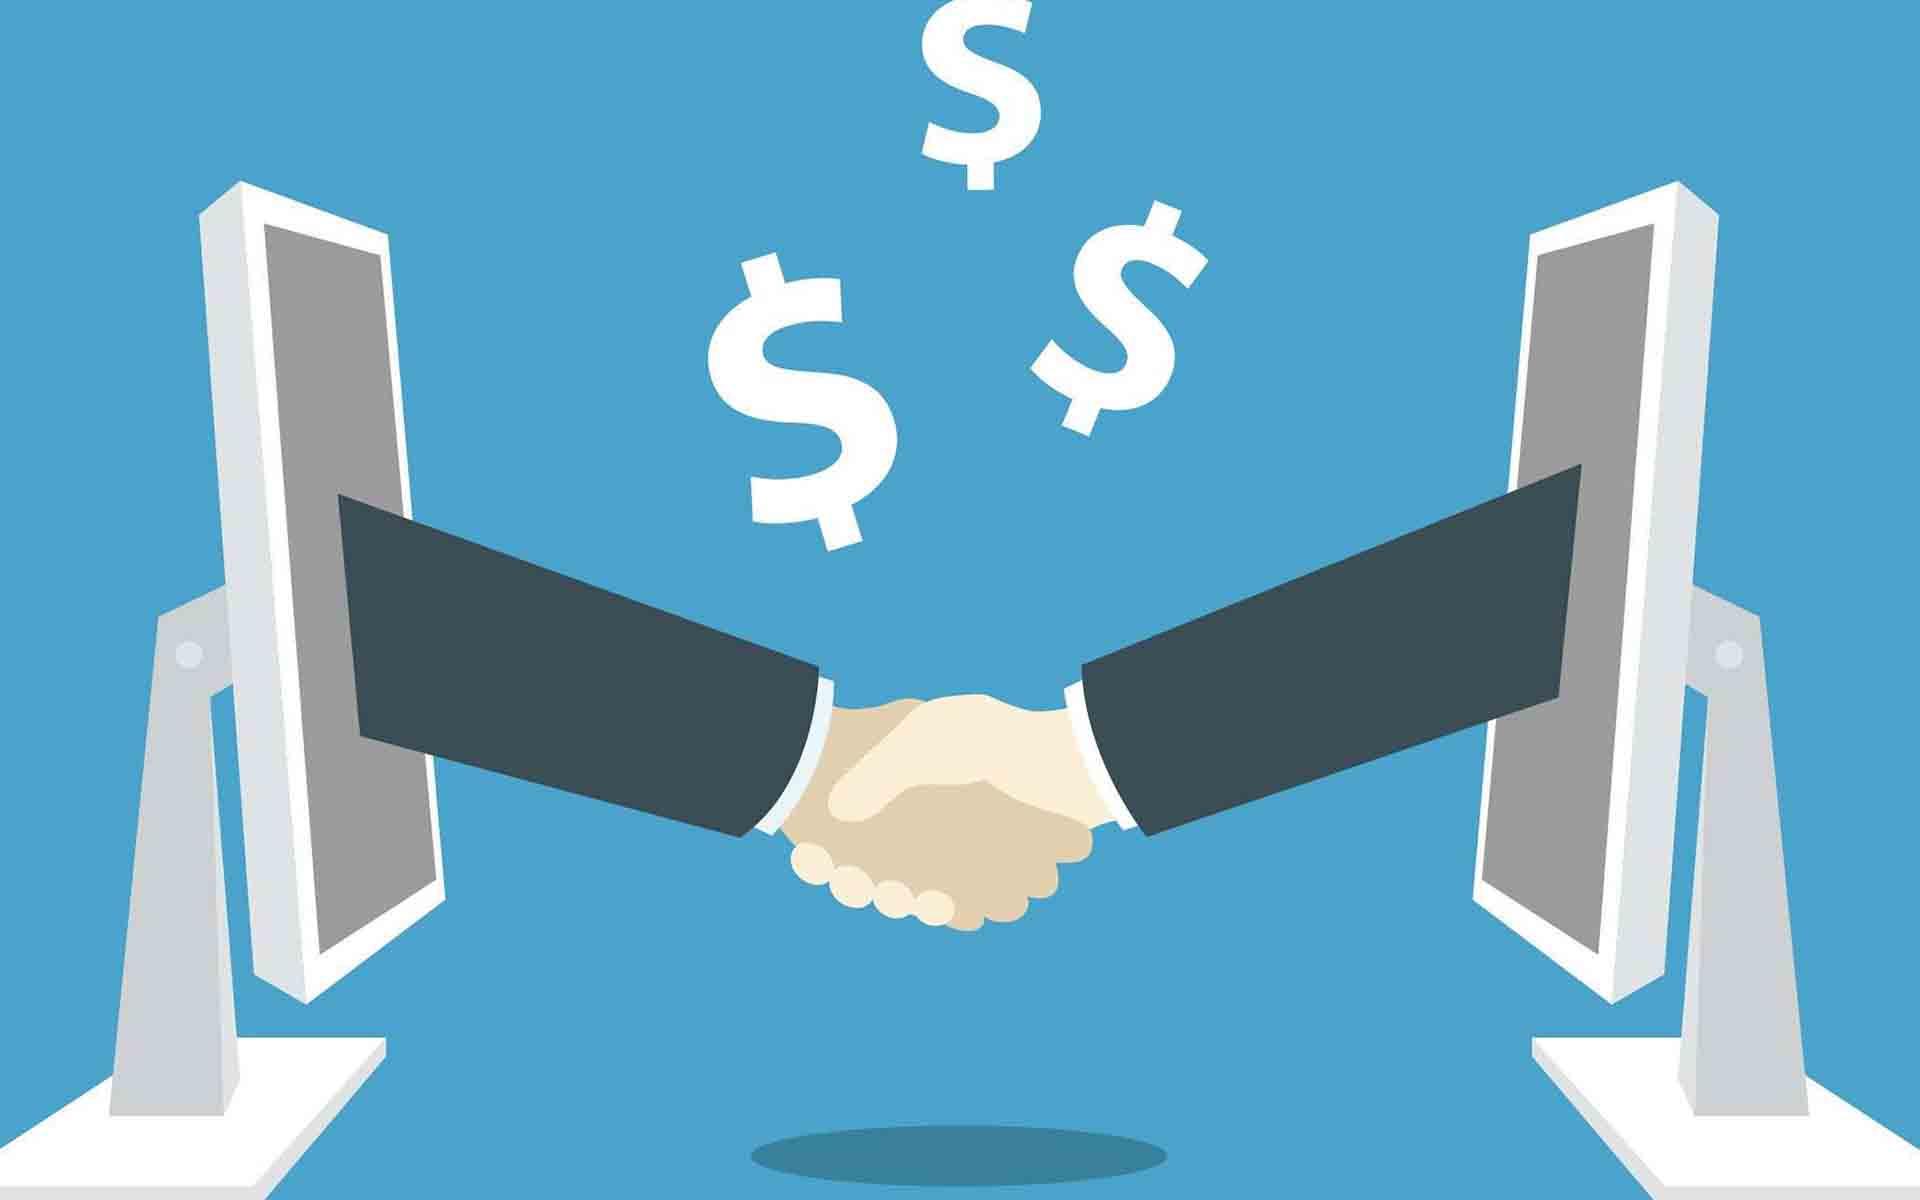 peer-to-peer-loans-hd-wallpaper